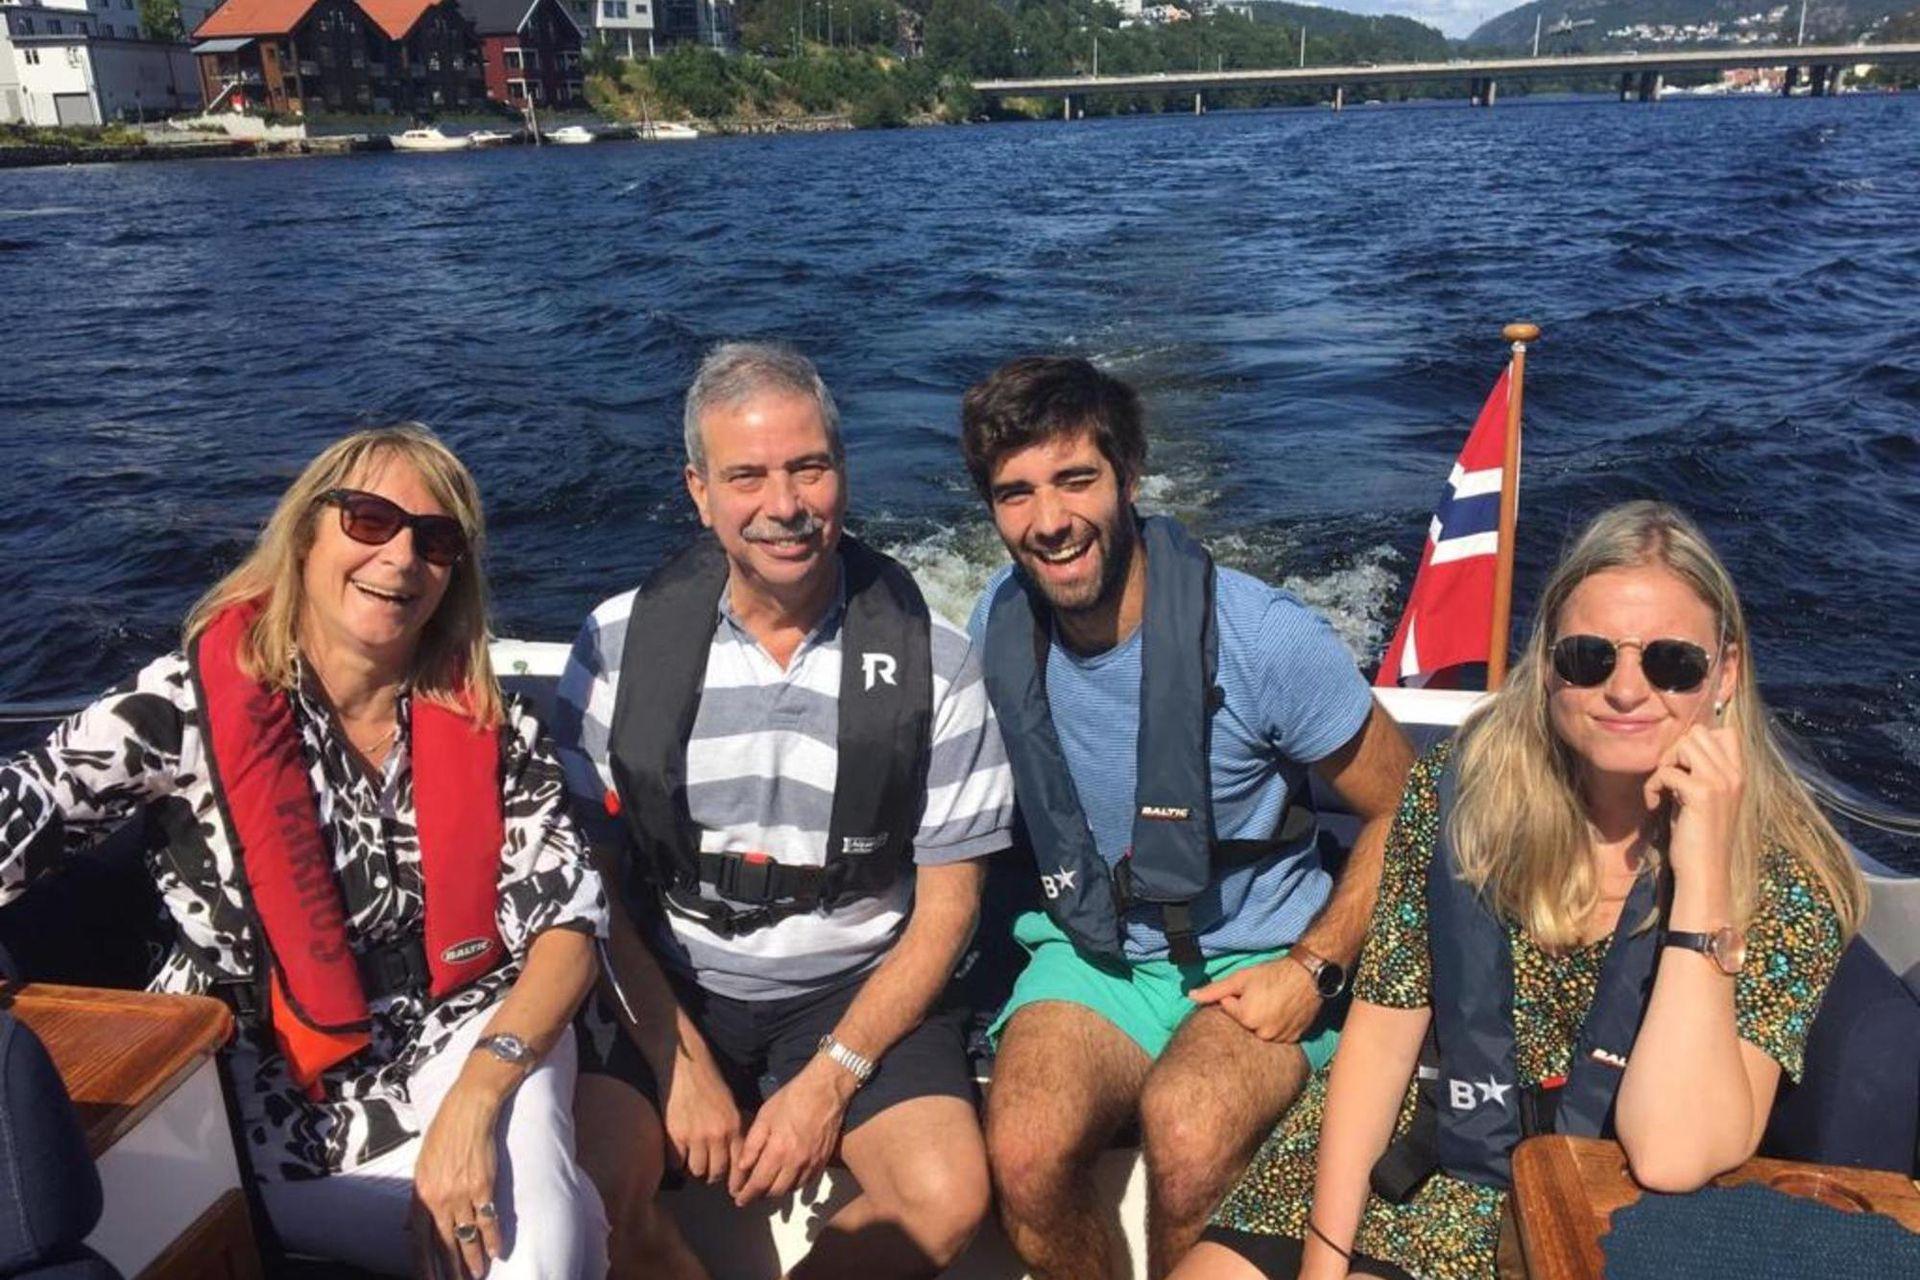 Los padres de Axel, Gustavo y Margarita, fueron de visitar a su hijo y a Helle en agosto de 2019, y los jóvenes los llevaron a pasear en ferry por el río Otra, en Kristiansand.